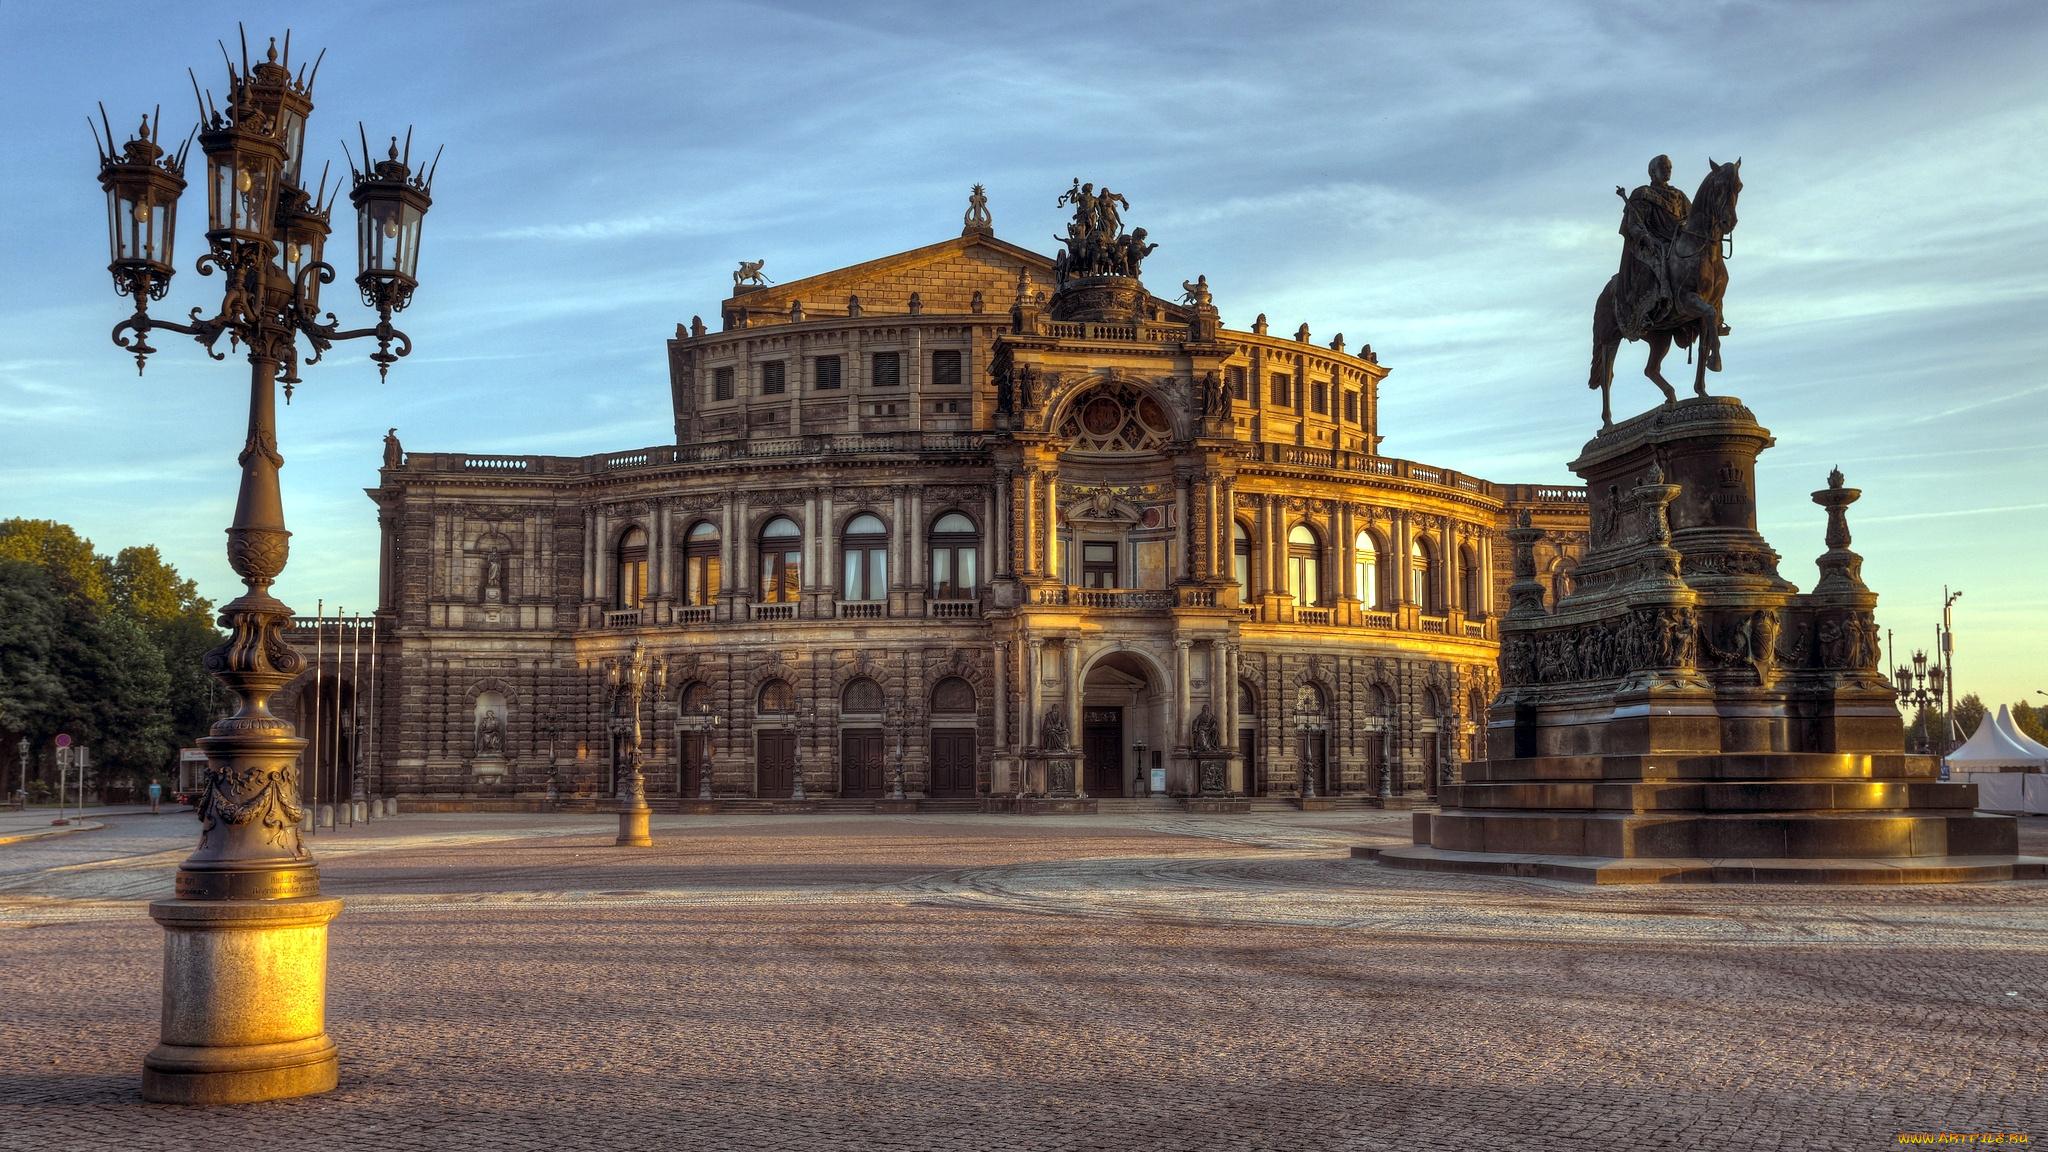 страны архитектура Собор Трир Германия без смс